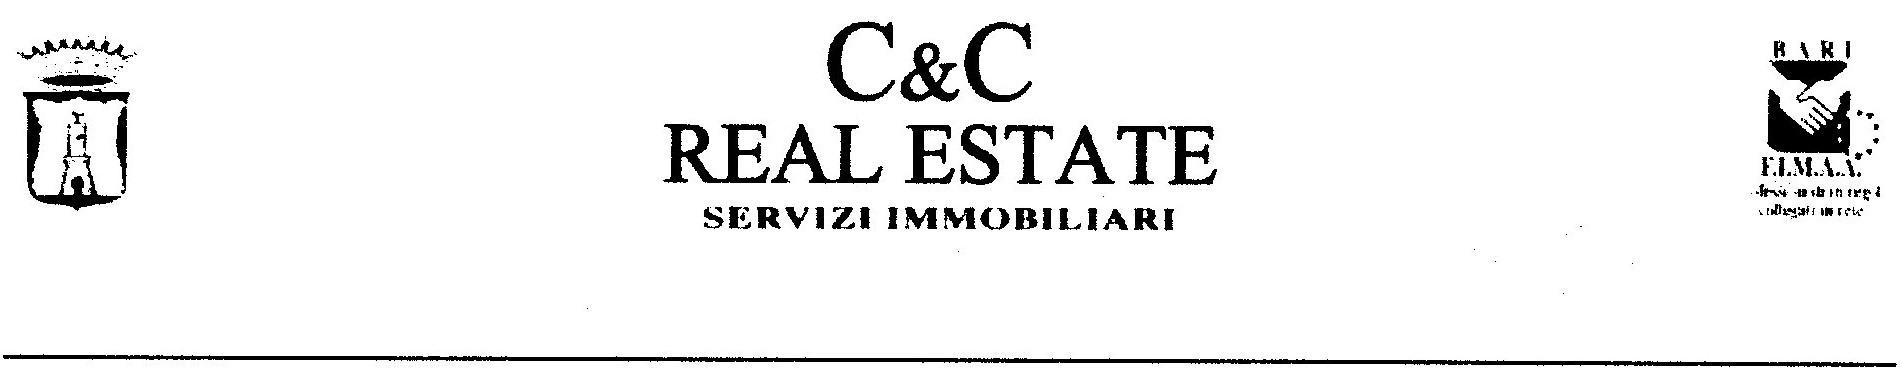 Agenzia Immobiliare C & C Real Estate Servizi Immobiliari, Via D'aragona, 36 Barletta (BT)